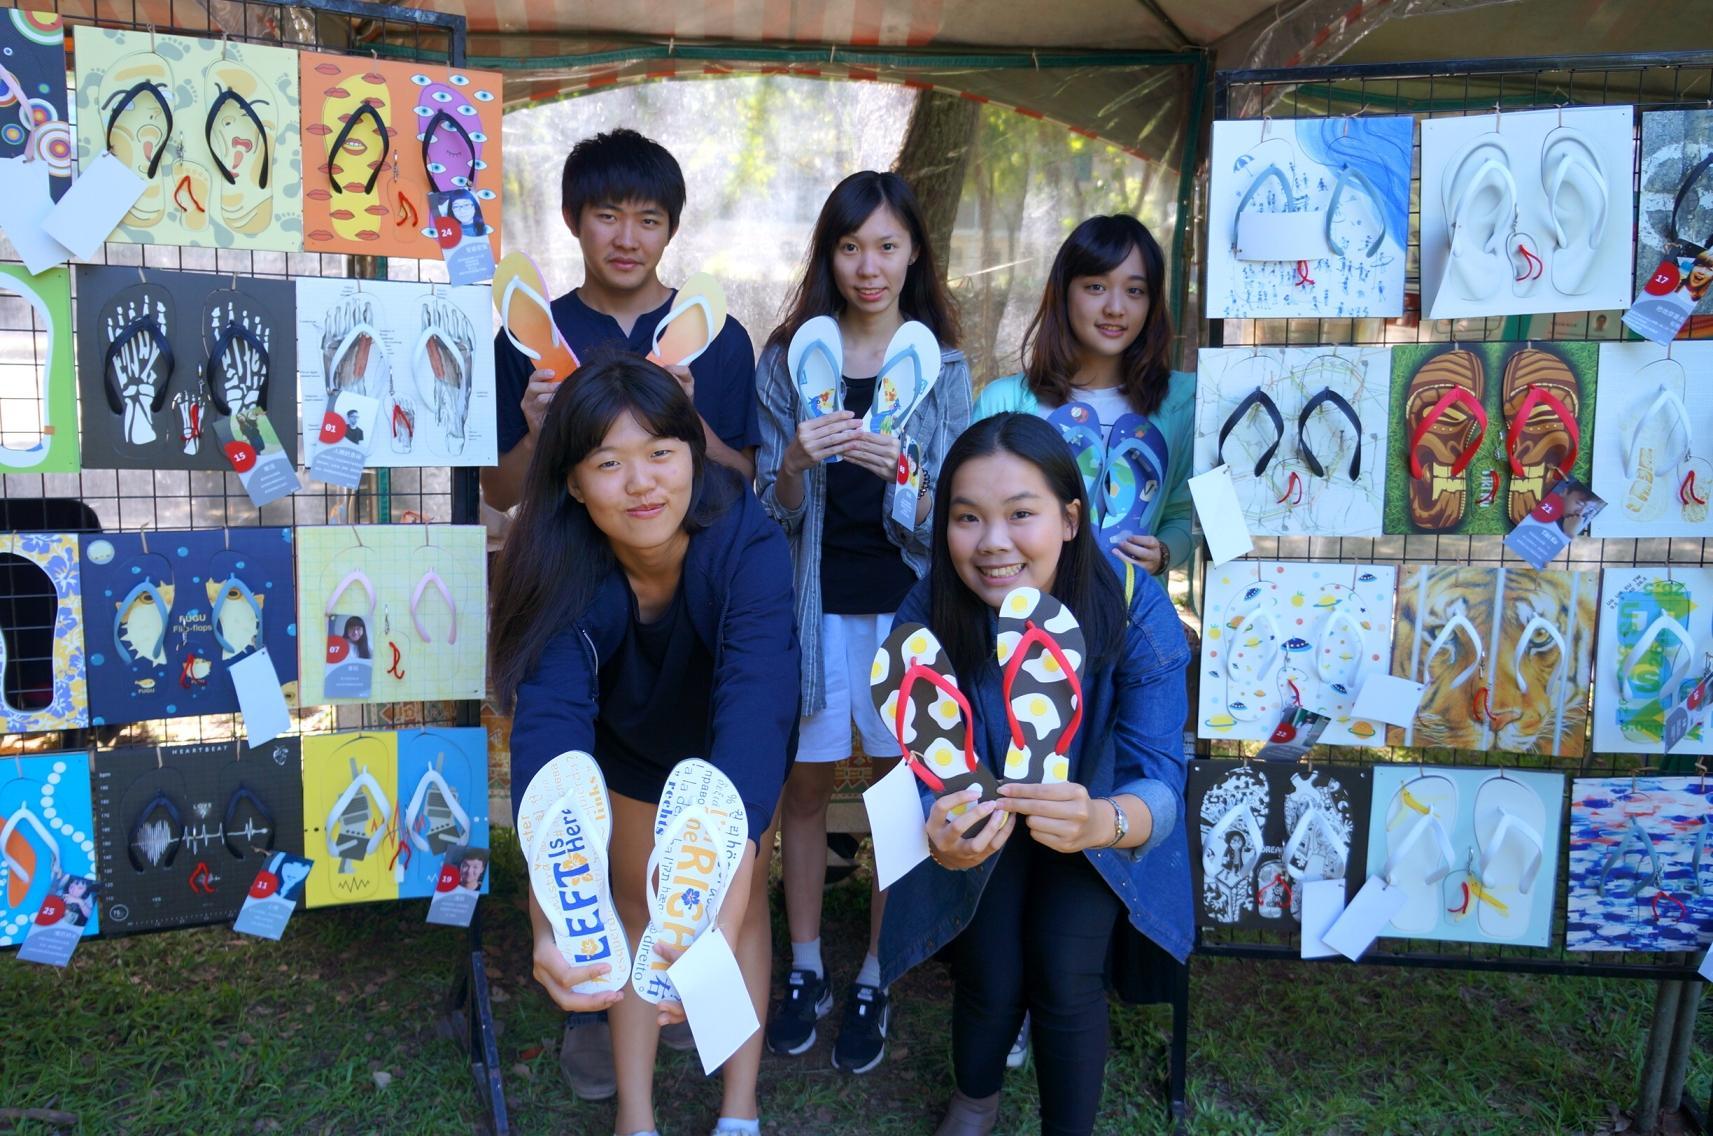 商設系學生創意夾腳拖 每件都是藝術品